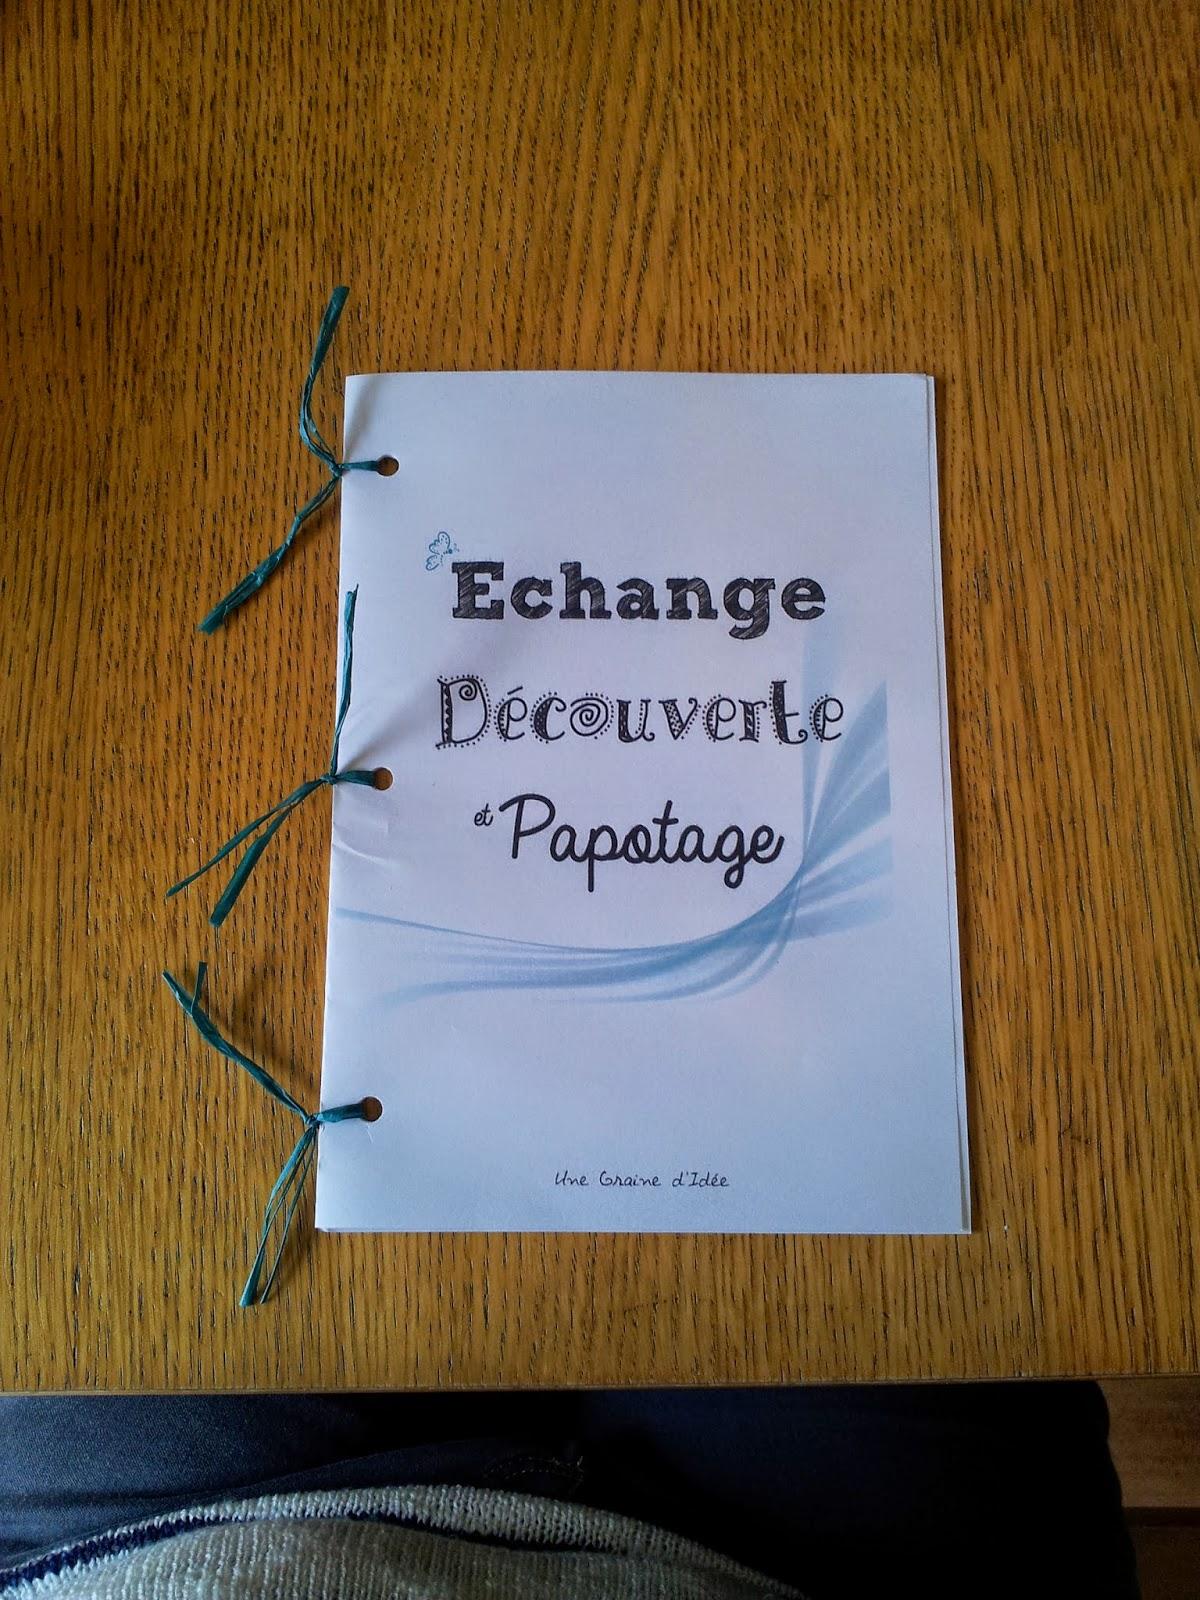 échange-découverte-papotage-bricolage-carnet